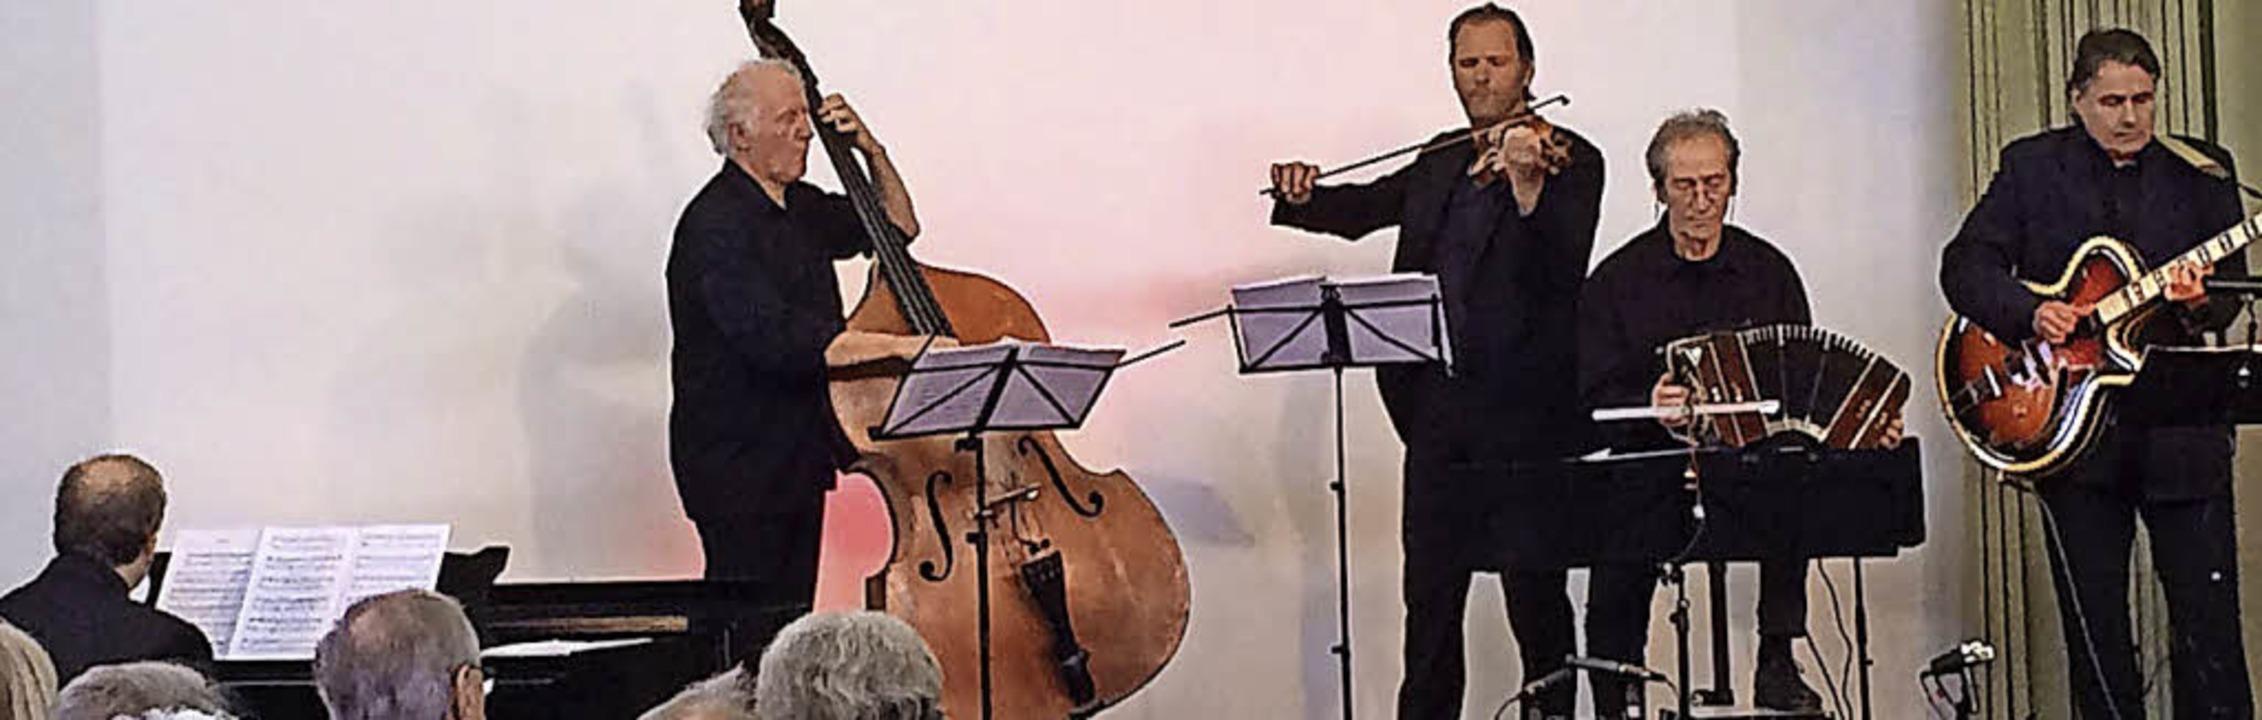 Das Tango-Konzert in Quintett-Besetzung  | Foto: Privat